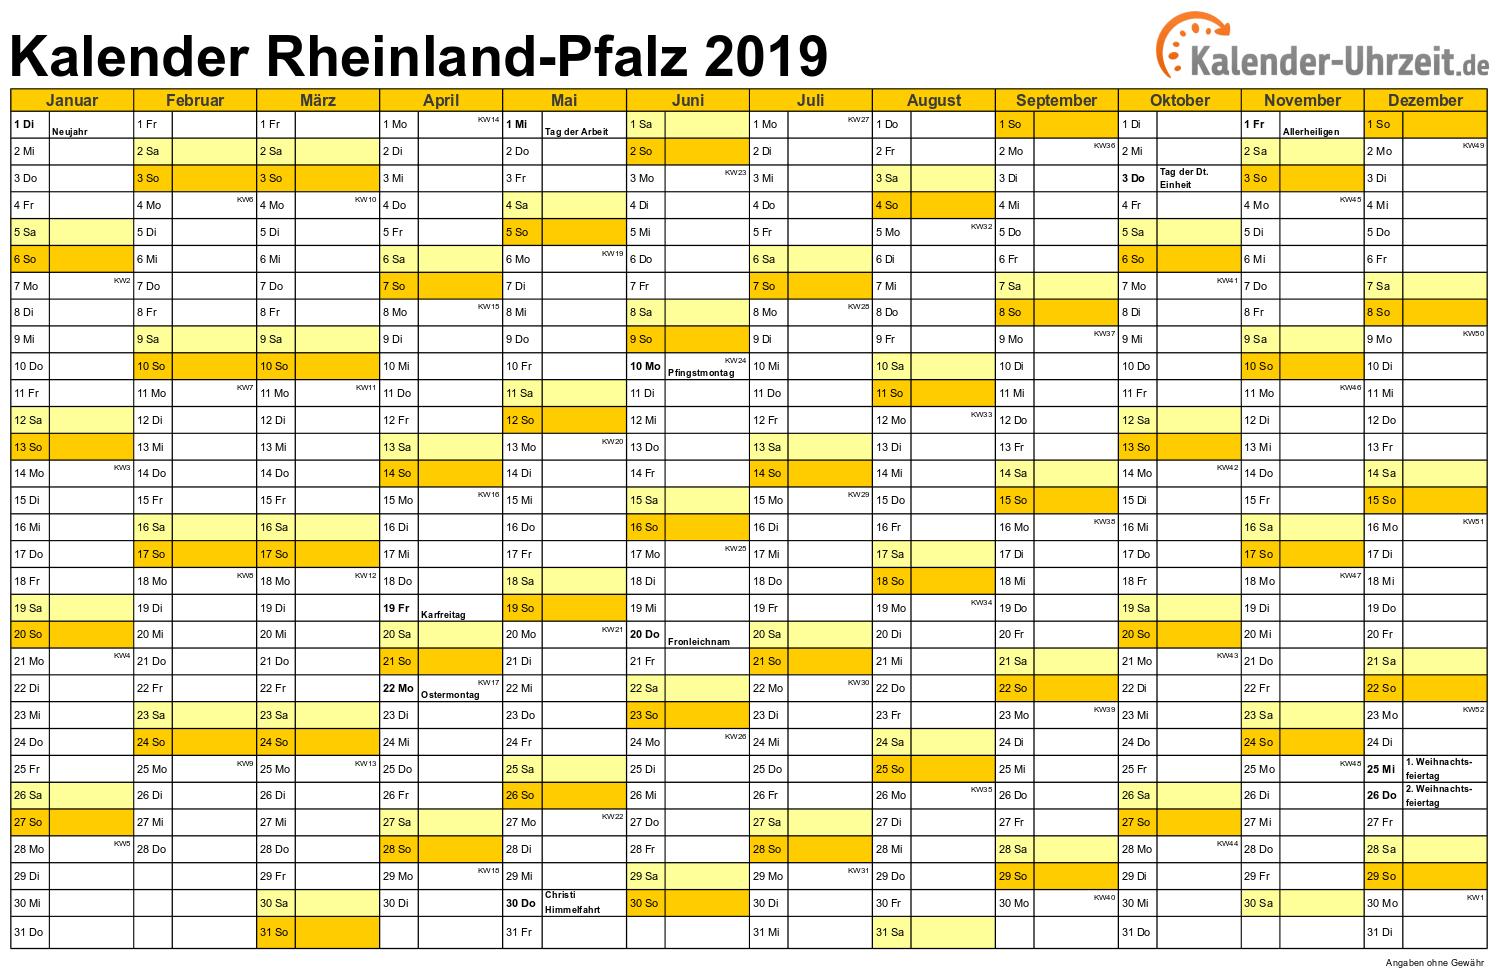 Rheinland-Pfalz Kalender 2019 mit Feiertagen - quer-einseitig